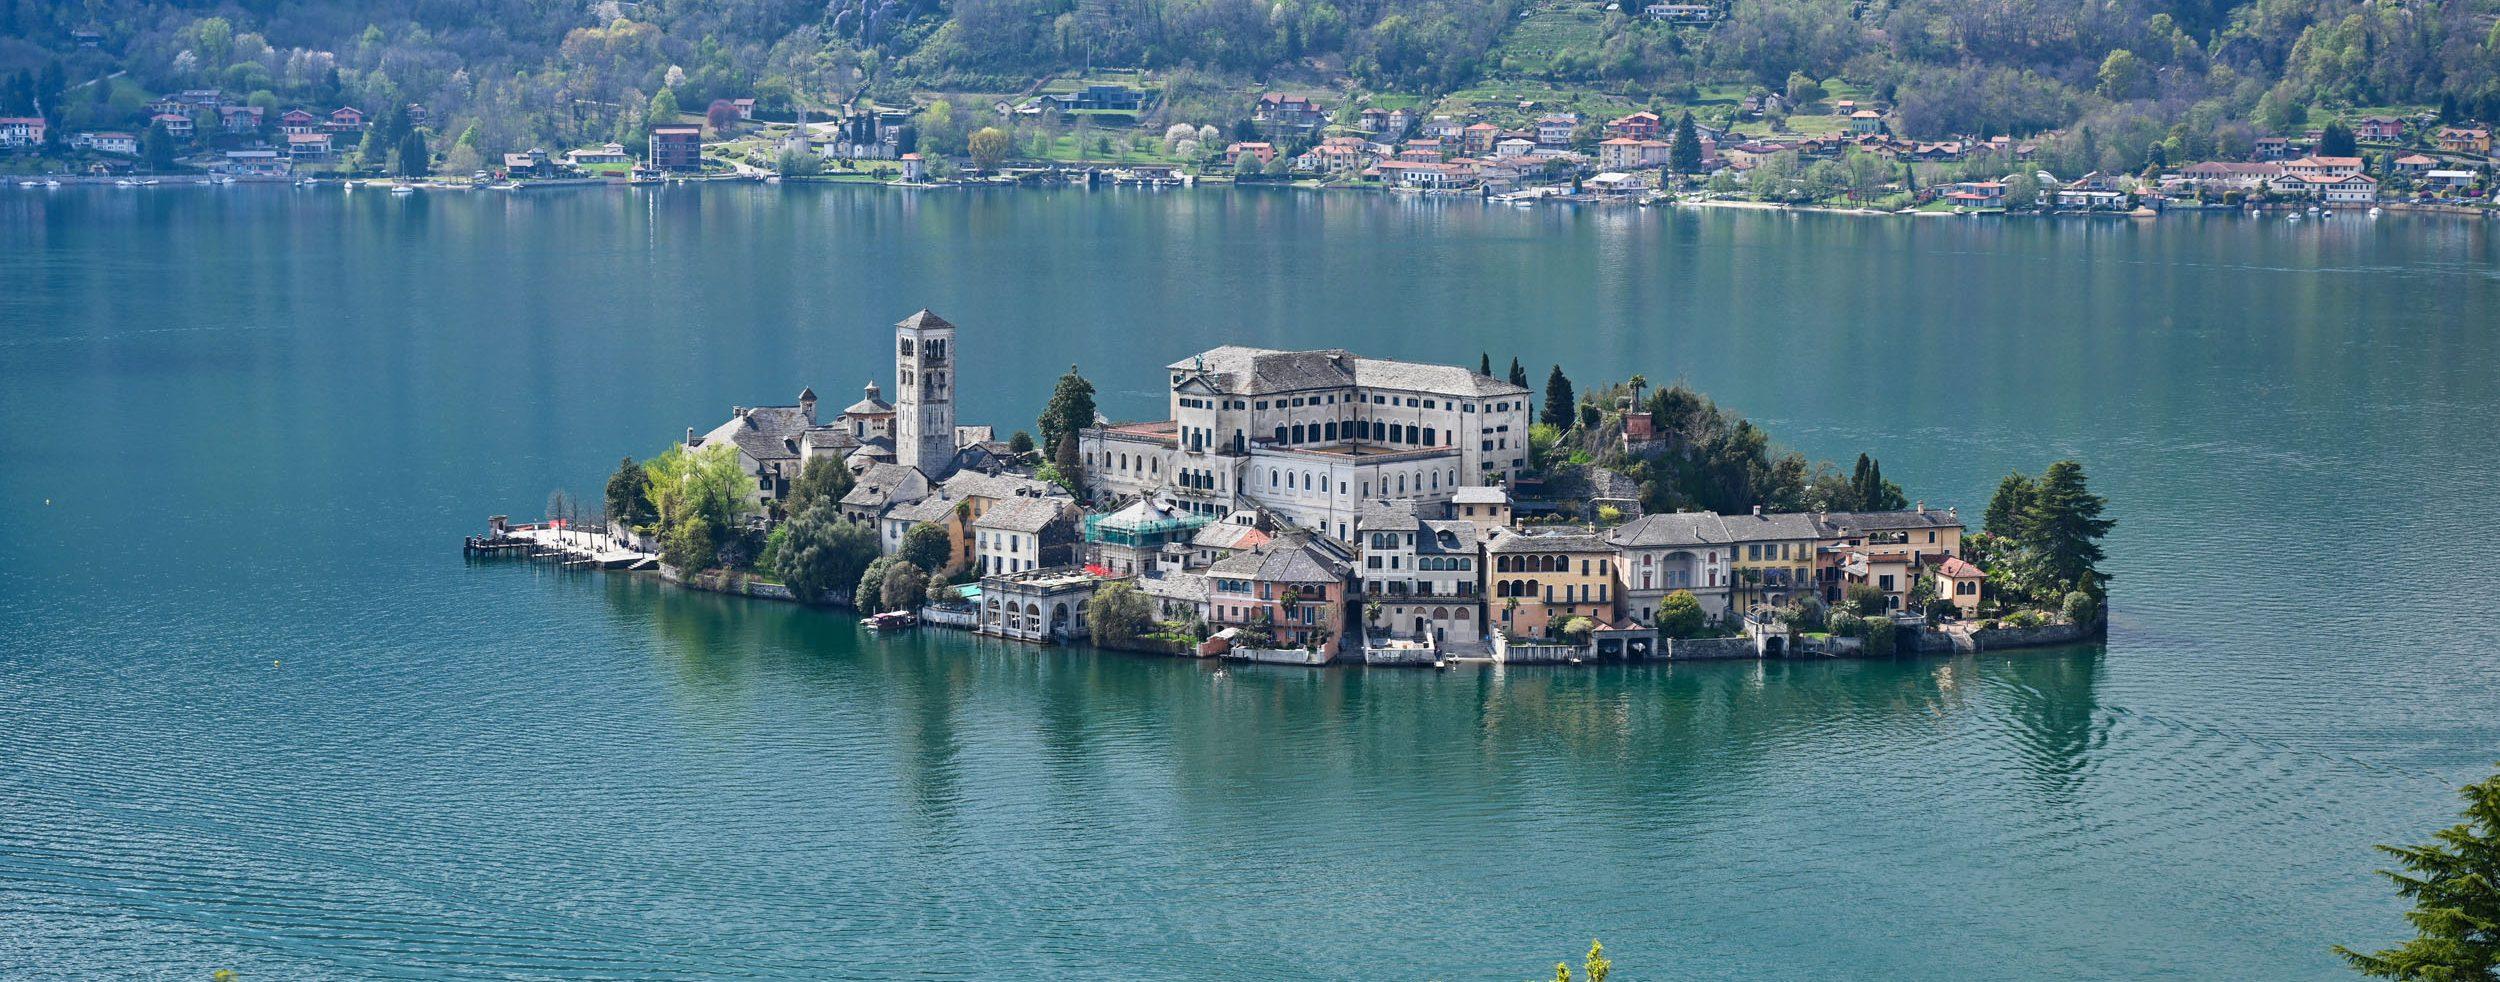 Lago d' Orta